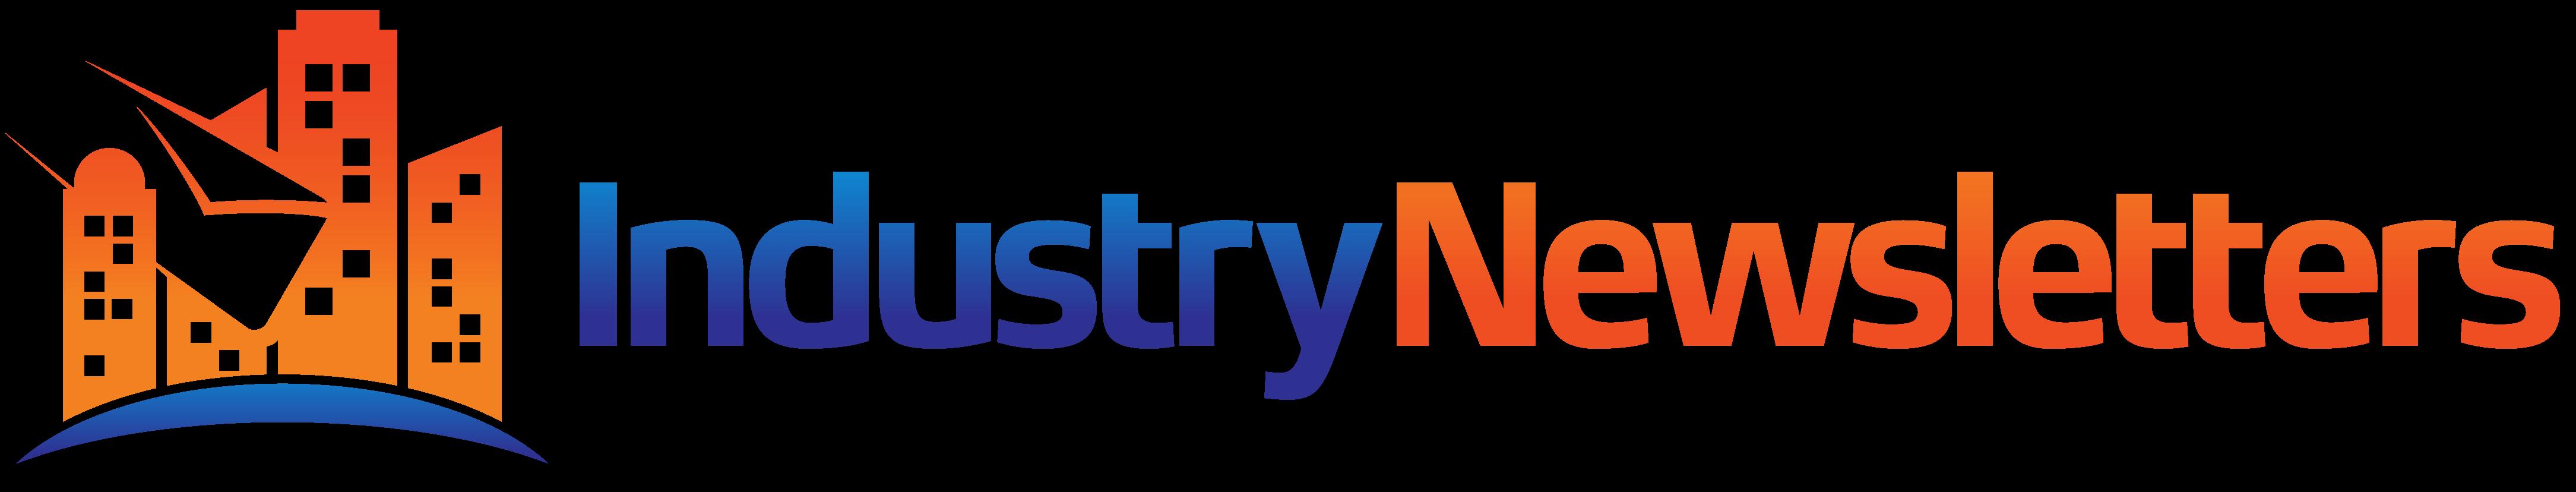 Industrynewsletters horiz 600dpi png